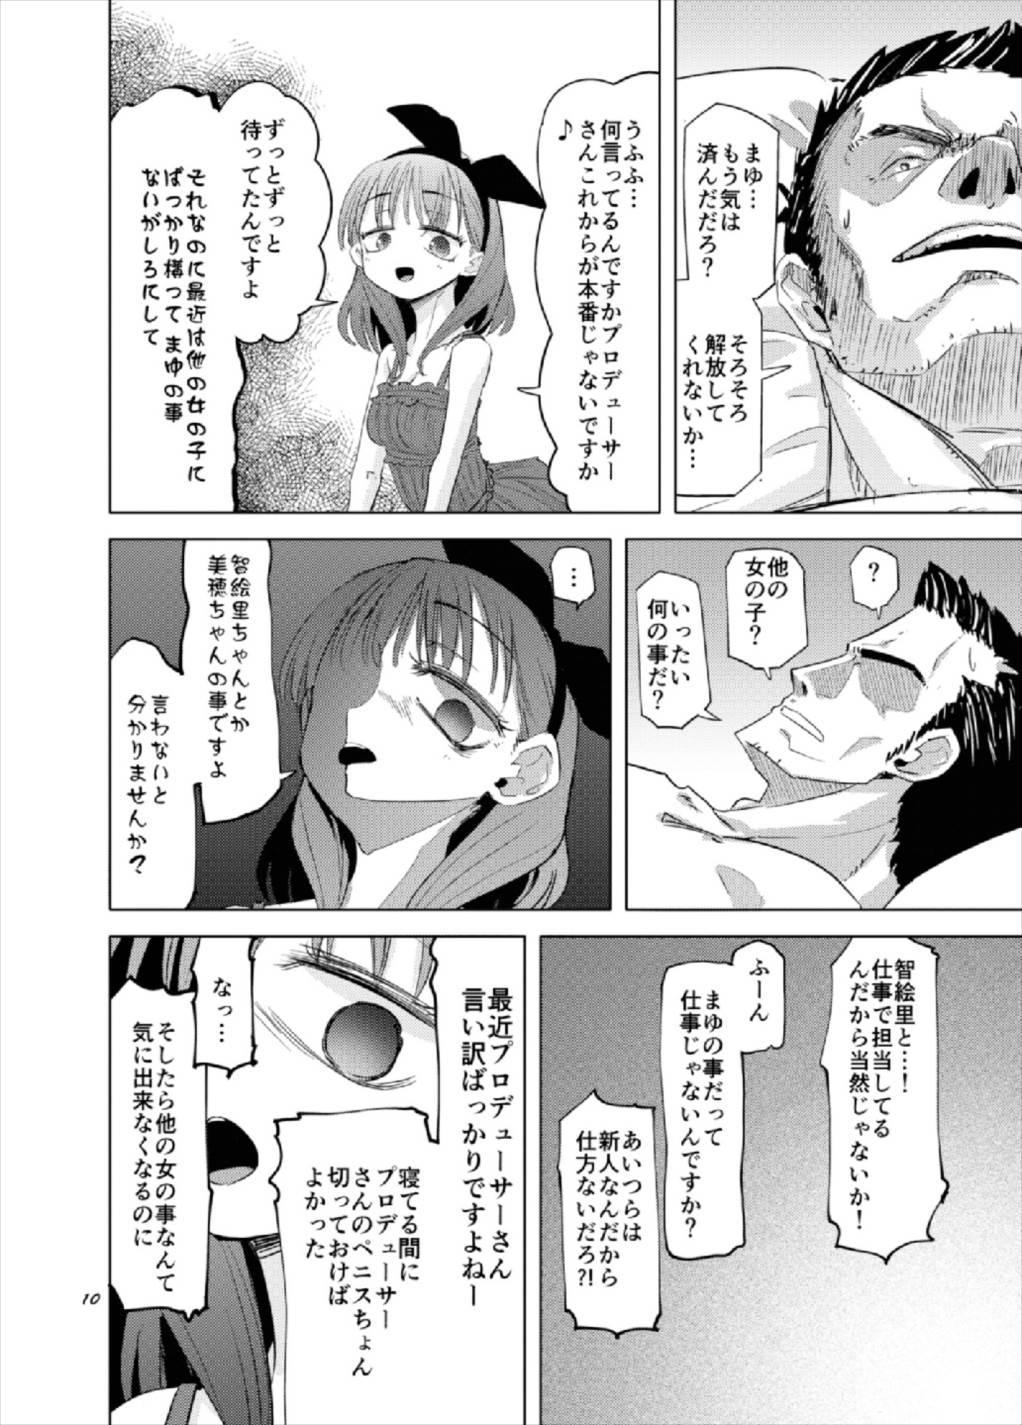 Gaman Dekinakatta Sakuma Mayu ga Majimena P o Kousoku Shite Gyakure Suru Hanashi 9